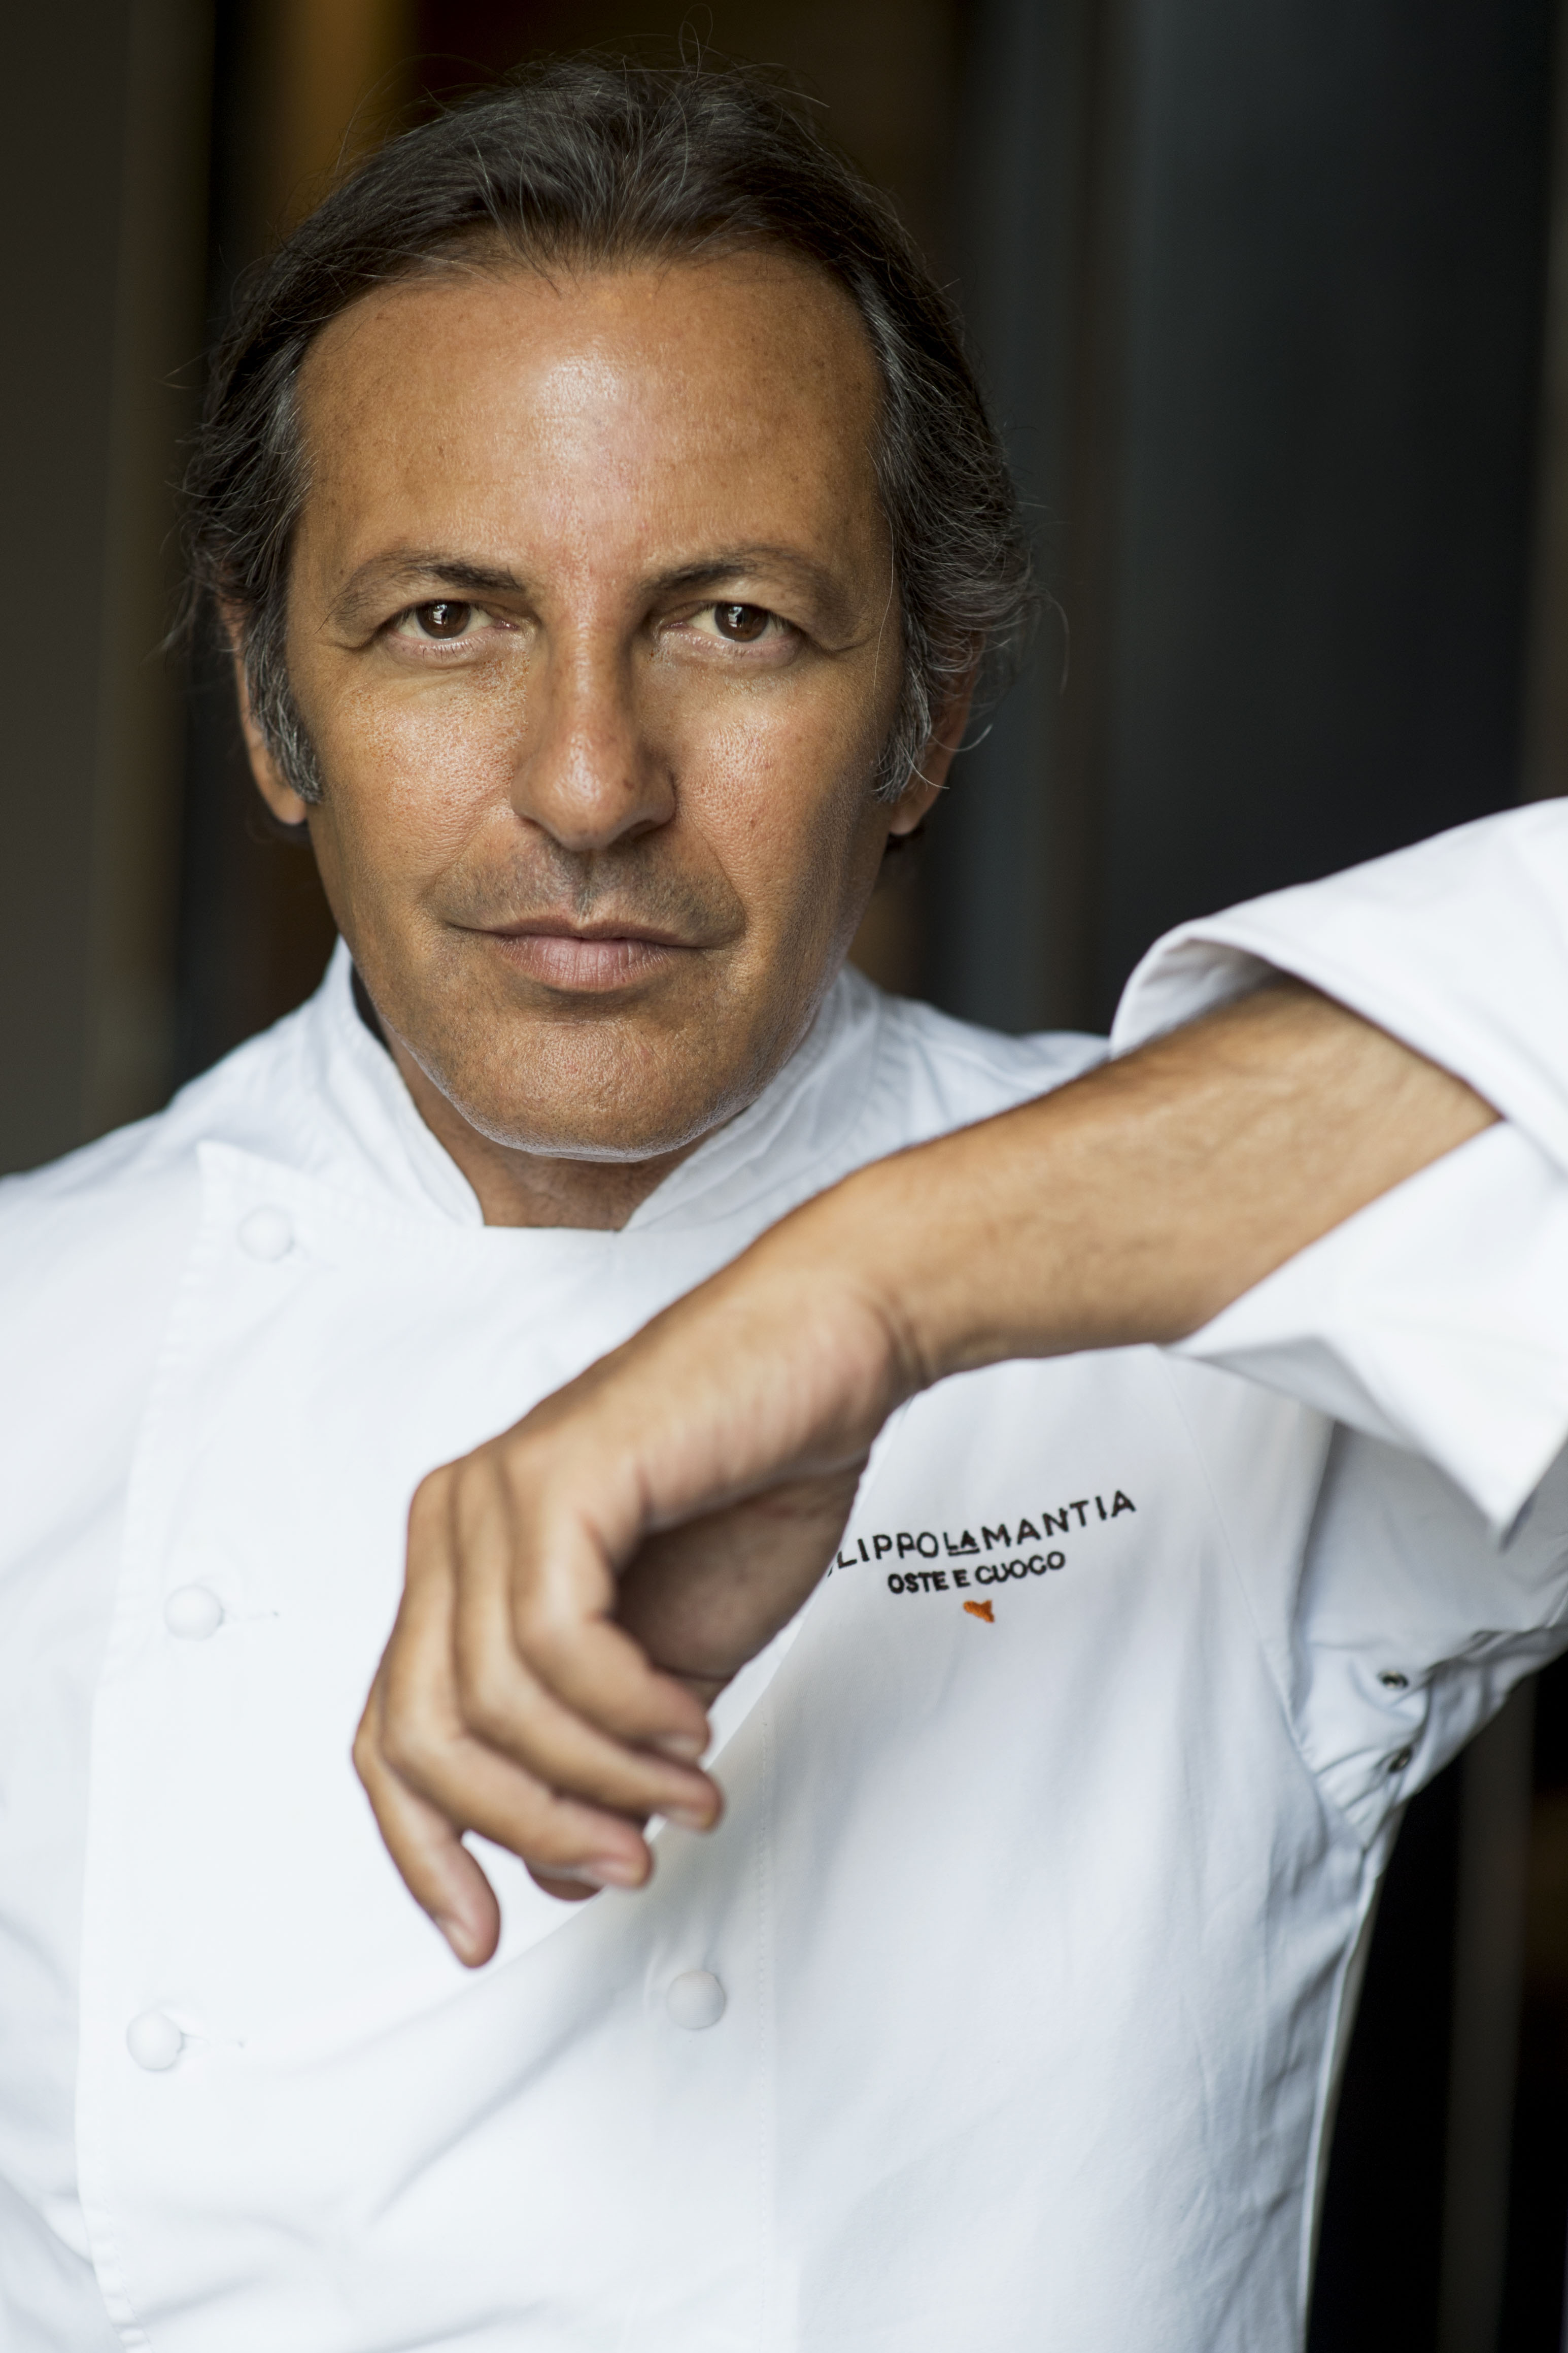 San vito lo capo tp iofrullotutto show cooking con filippo la mantia al cous cous fest - San vito a tavola ...